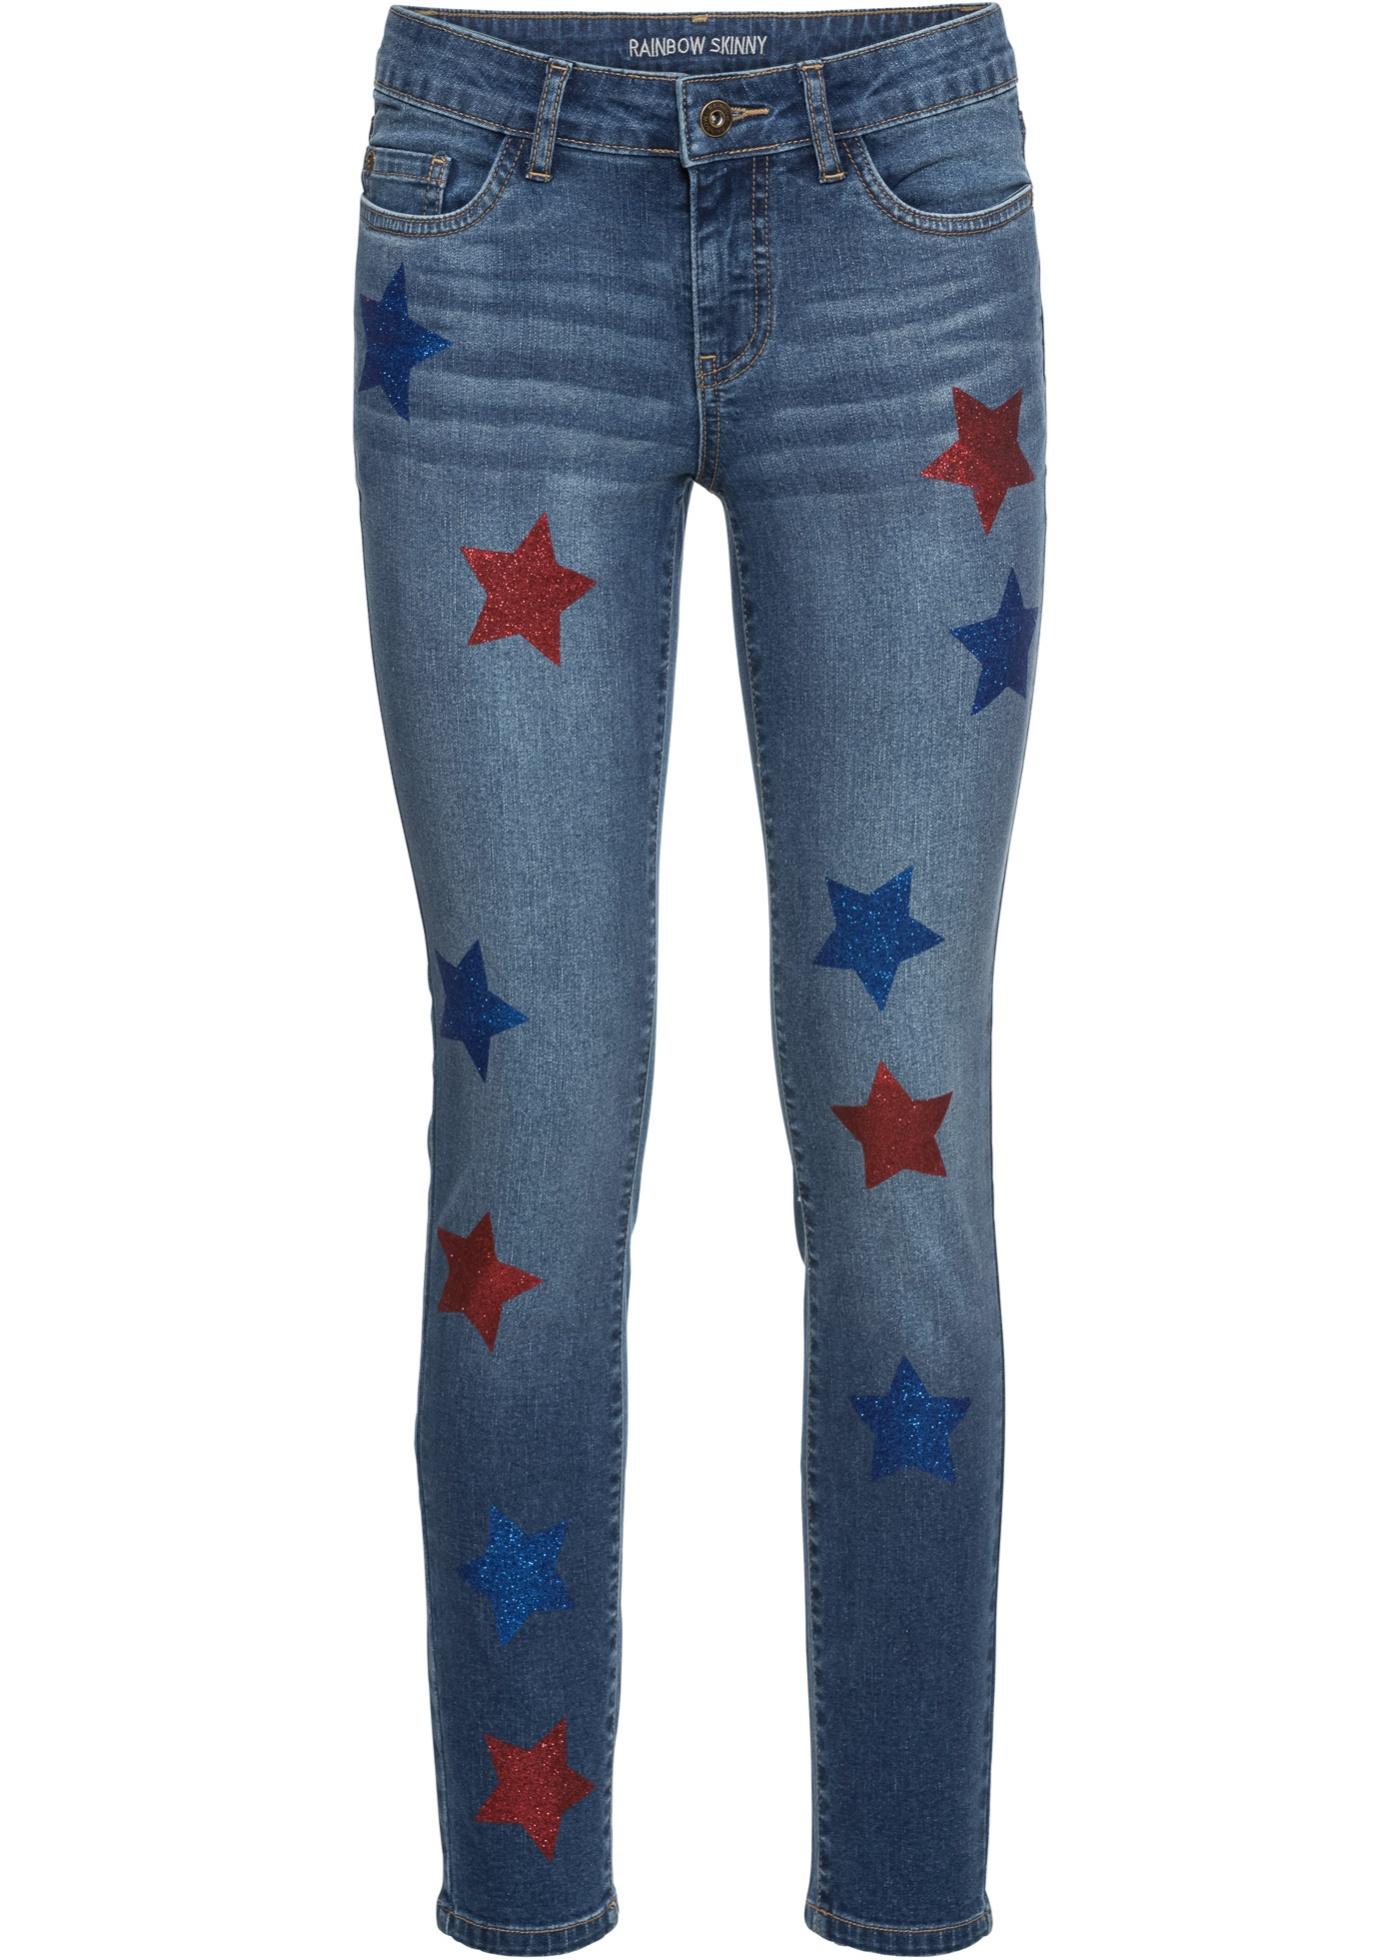 Verkürzte Skinny Jeans mit Sternen